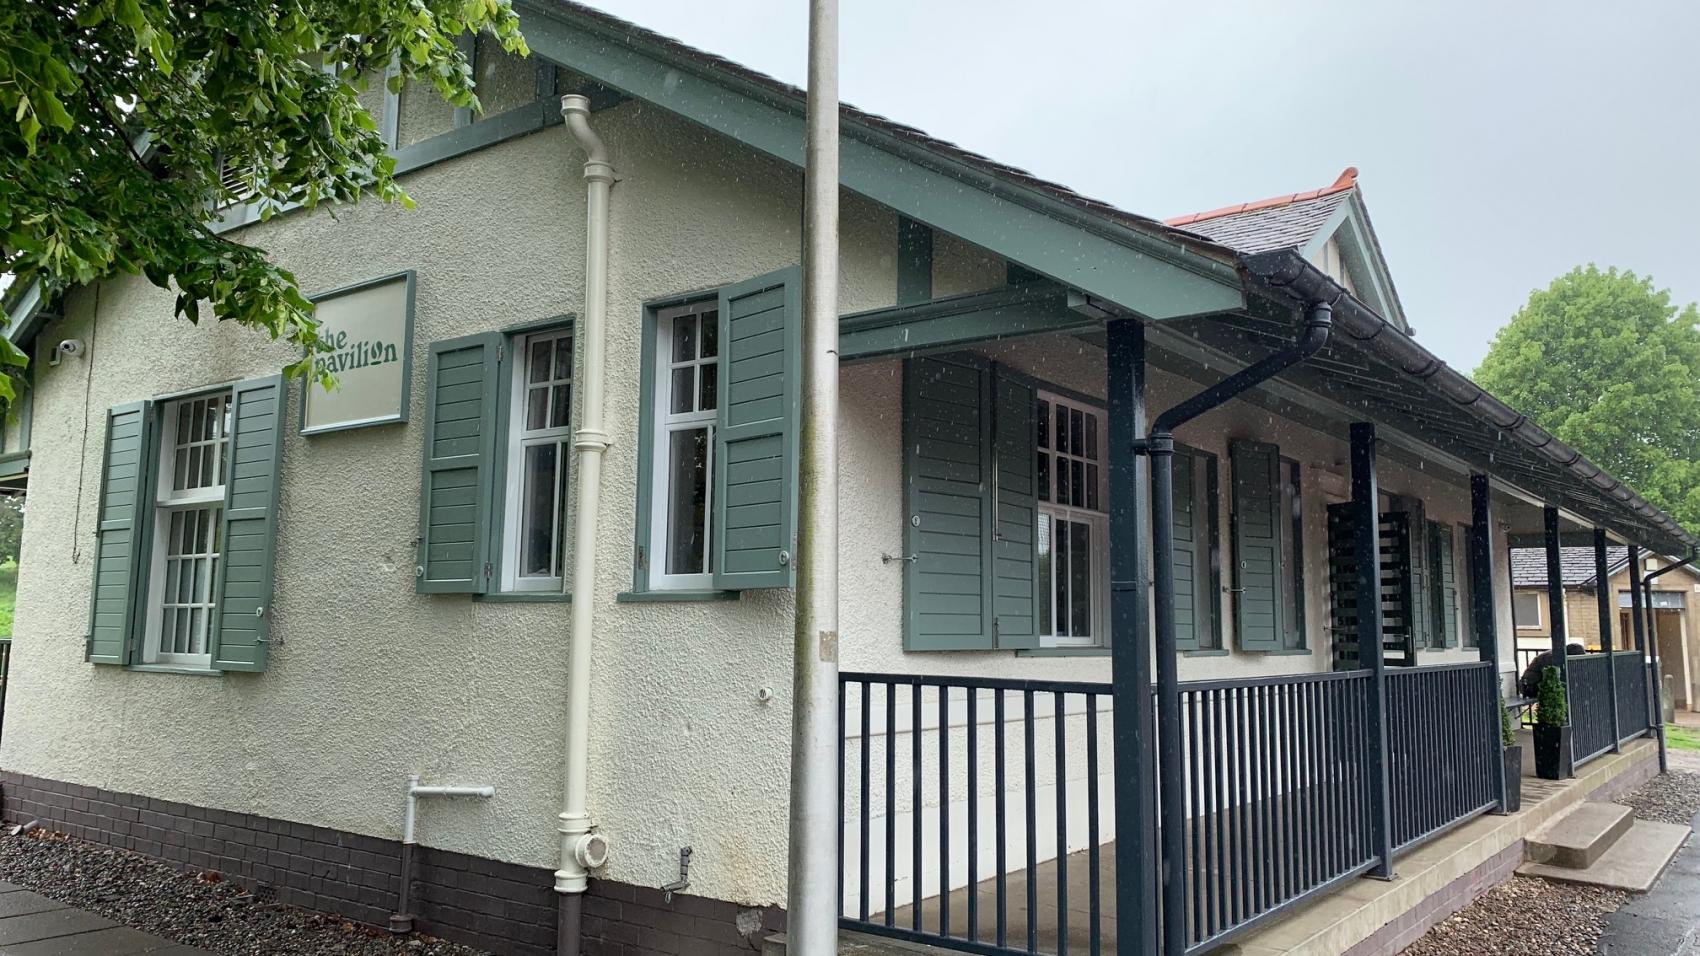 Restored Kings Park Pavilion in Stirling